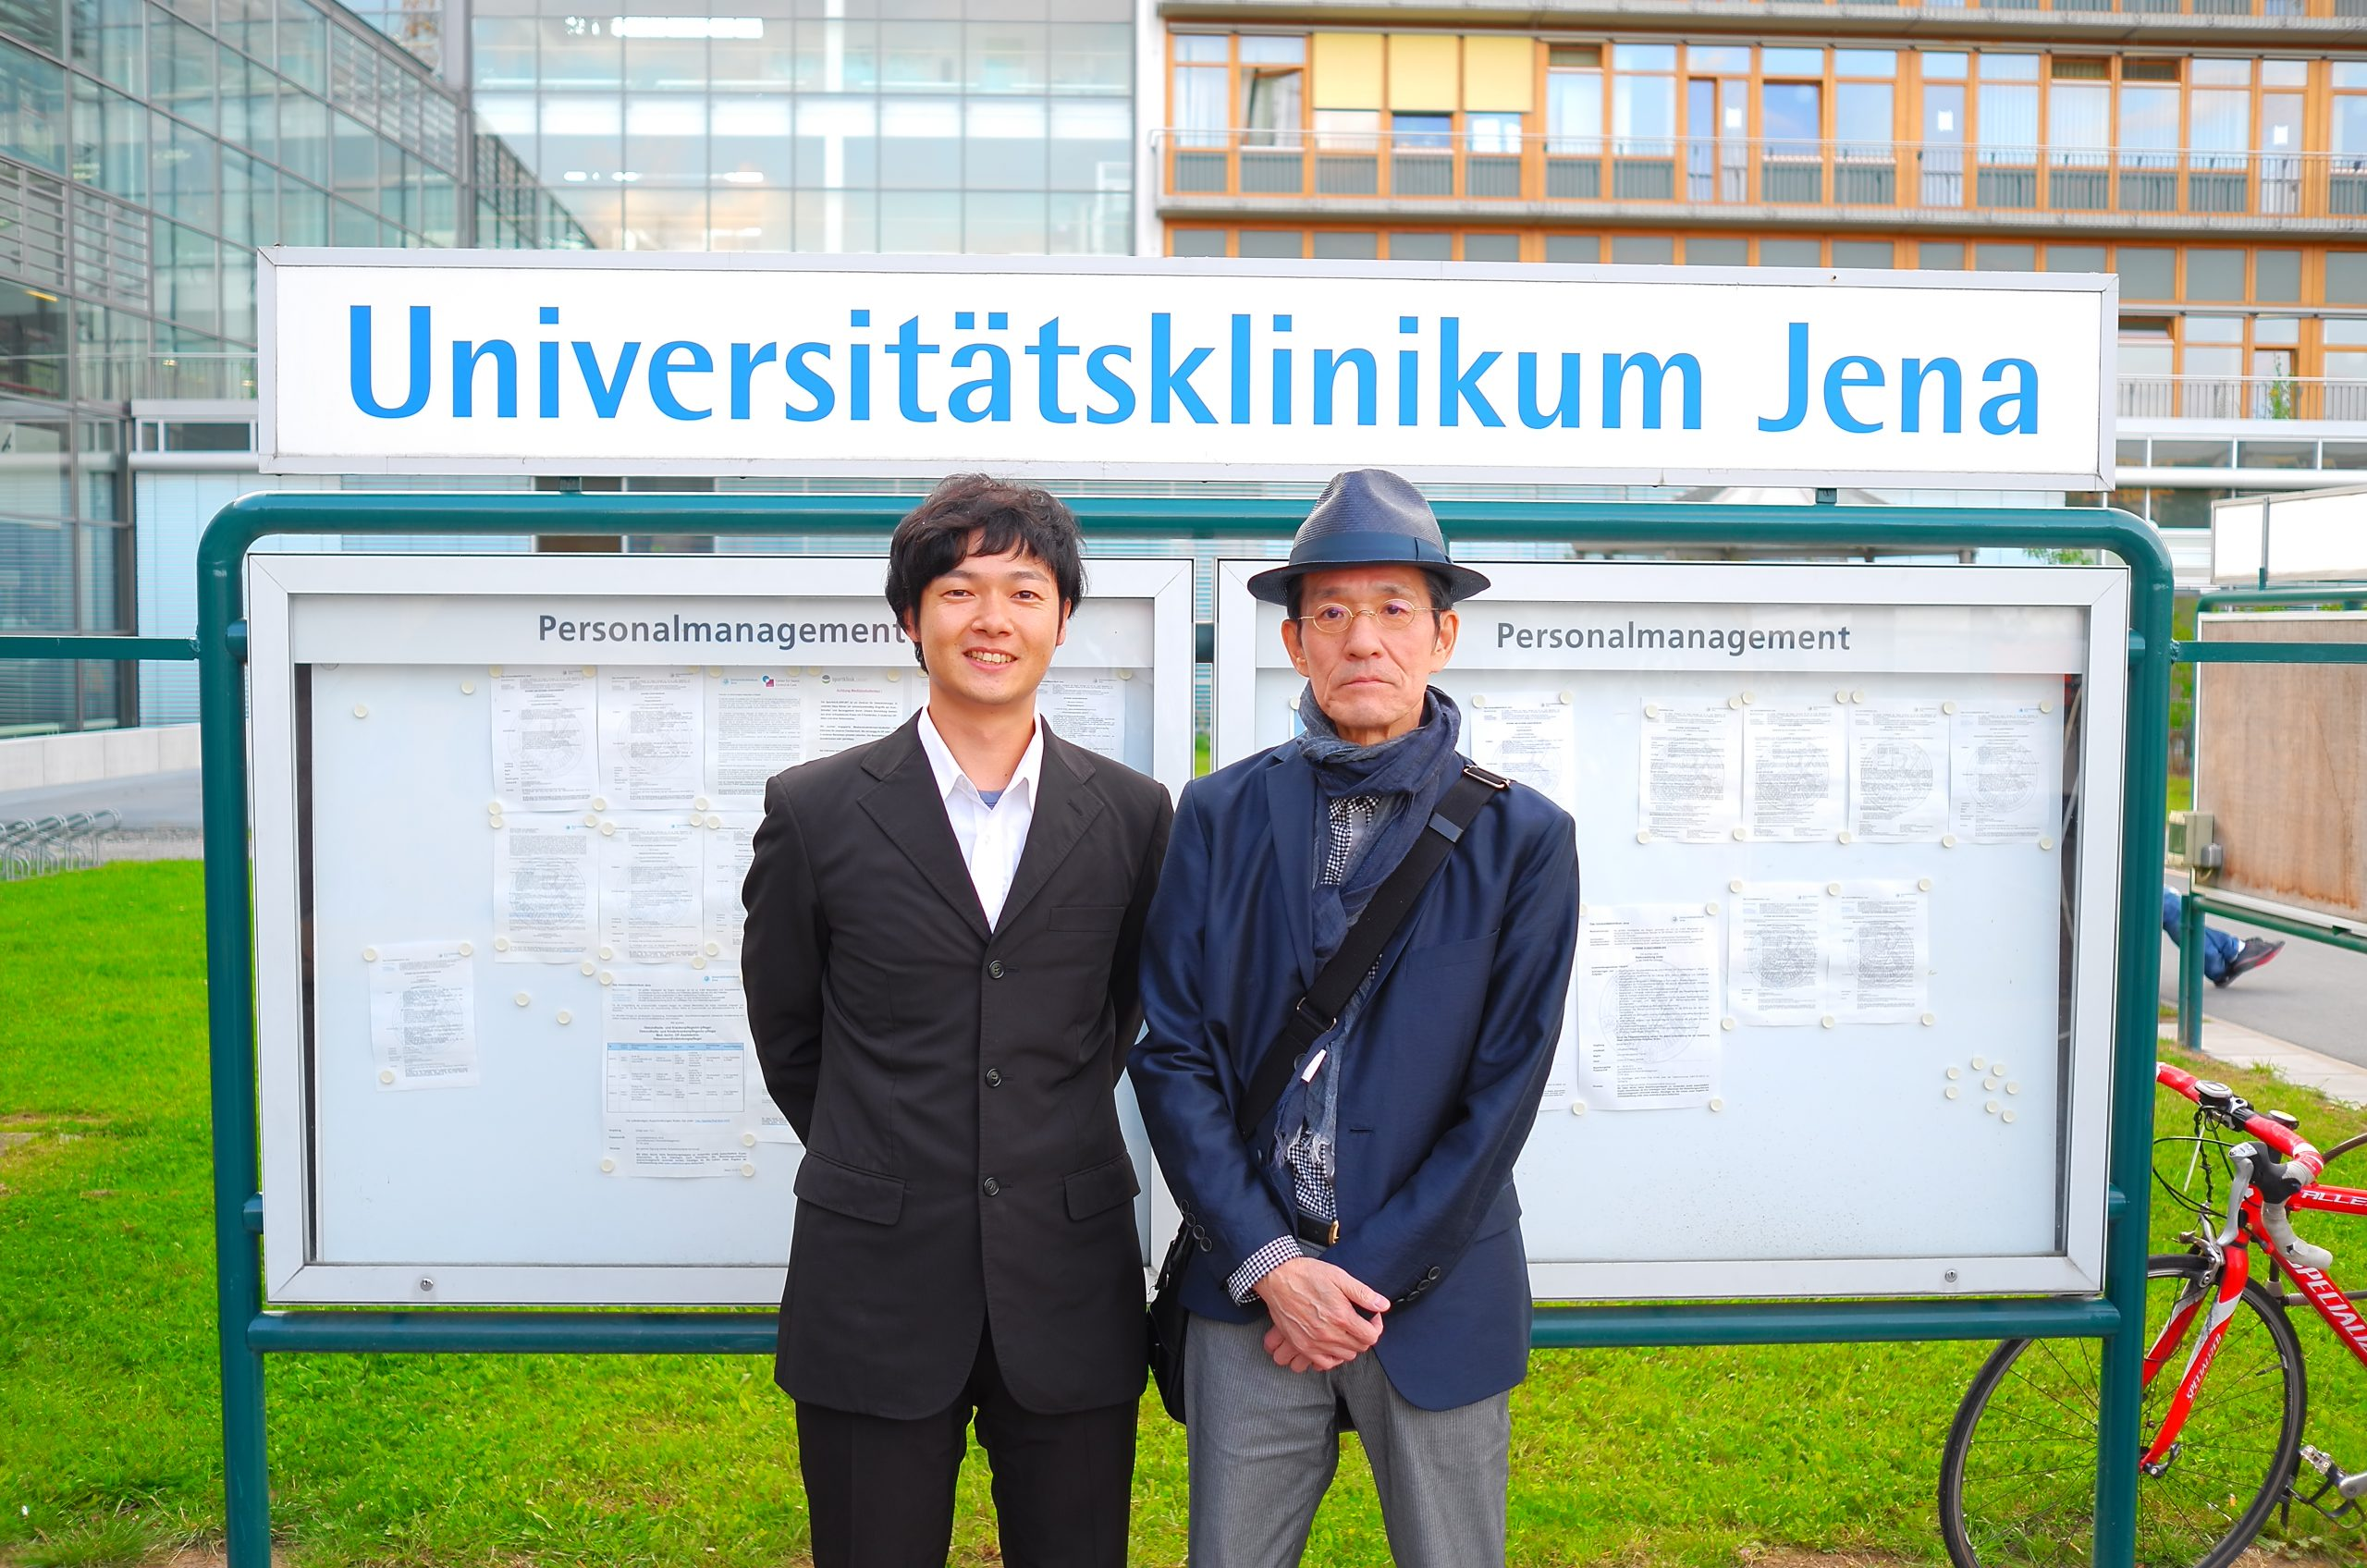 米山榮先生とドイツの講演前に記念撮影